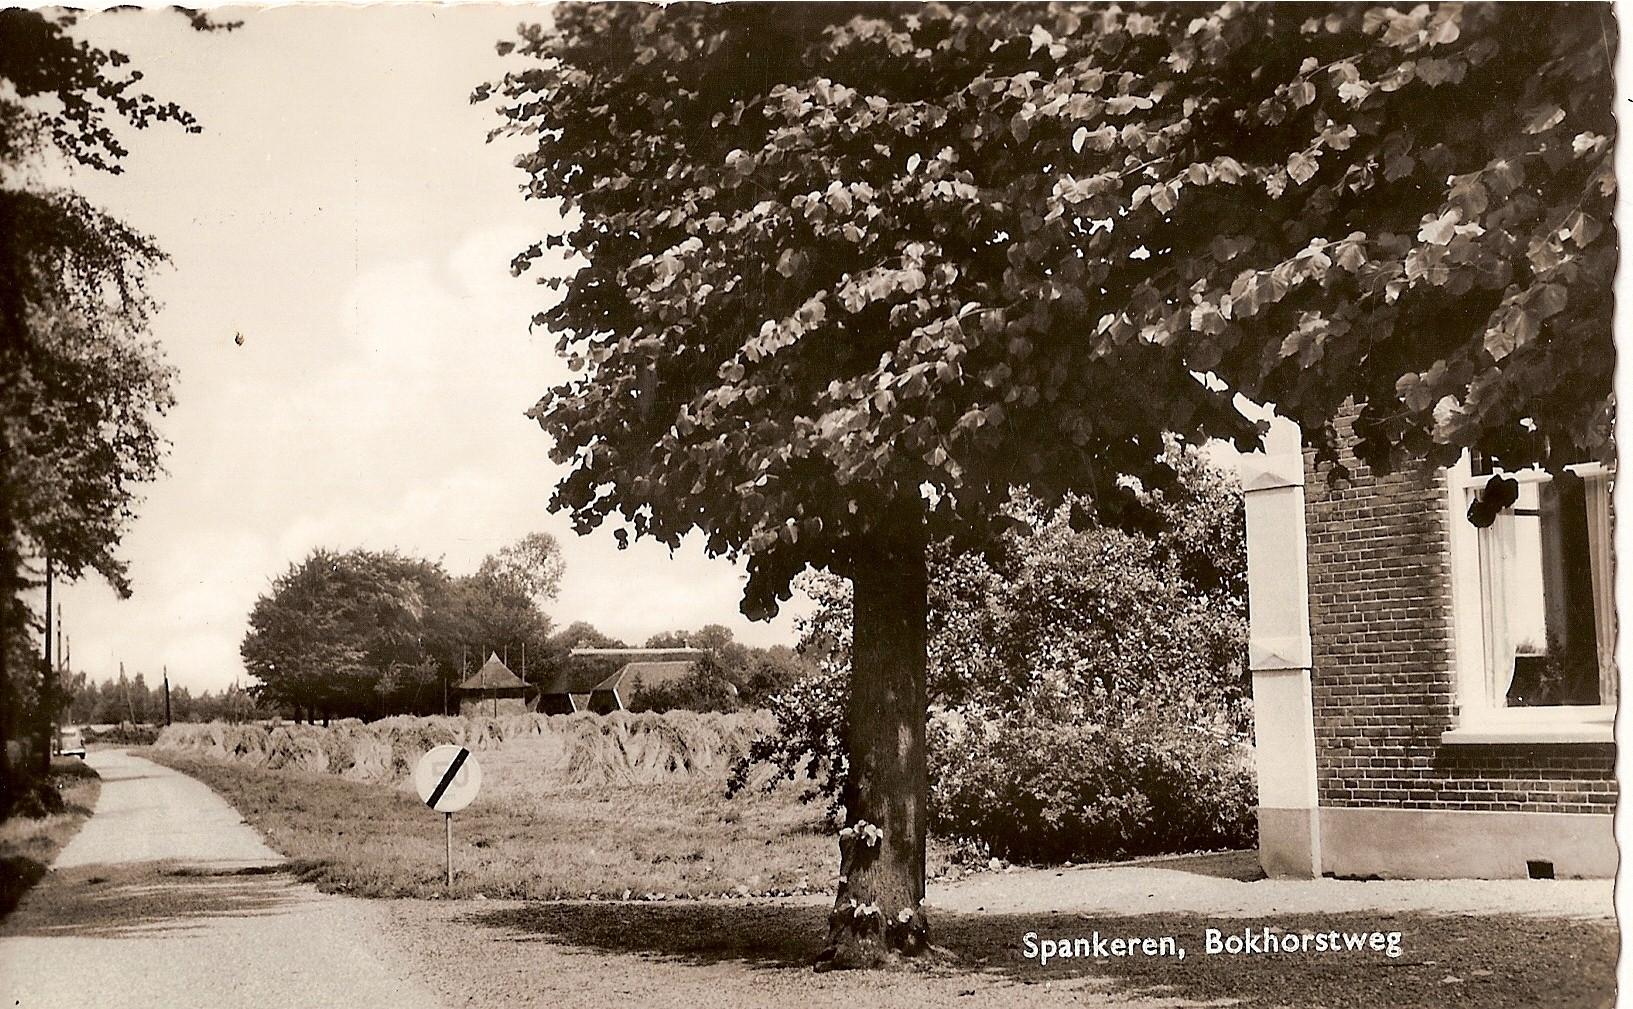 Bockhorstweg